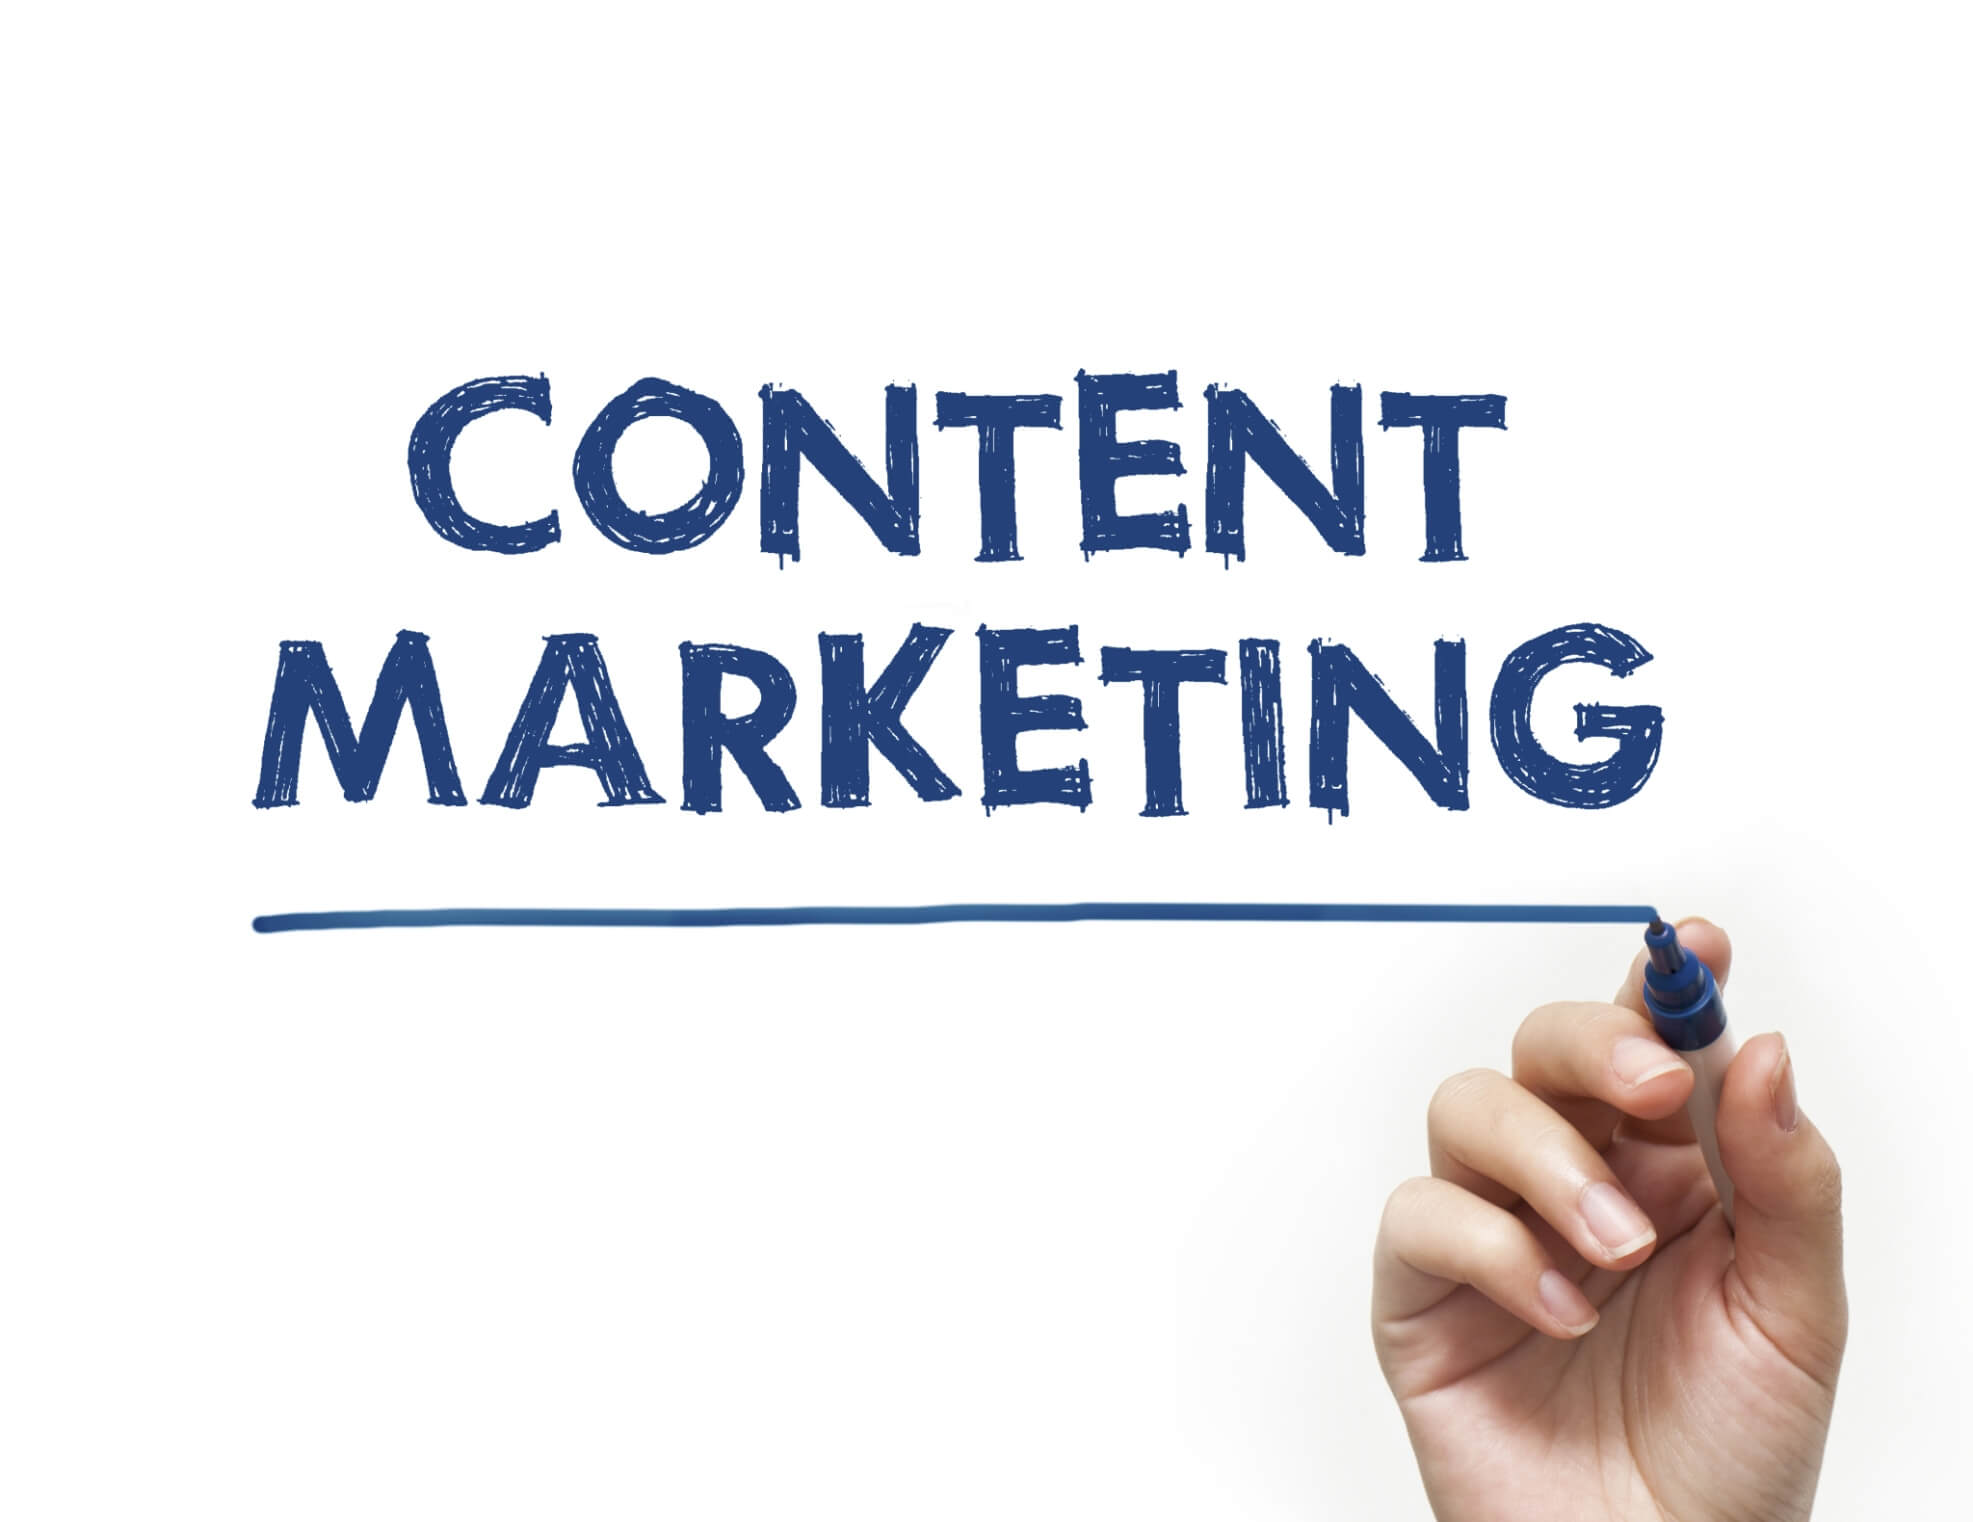 بازاریابی محتوا چیست؟